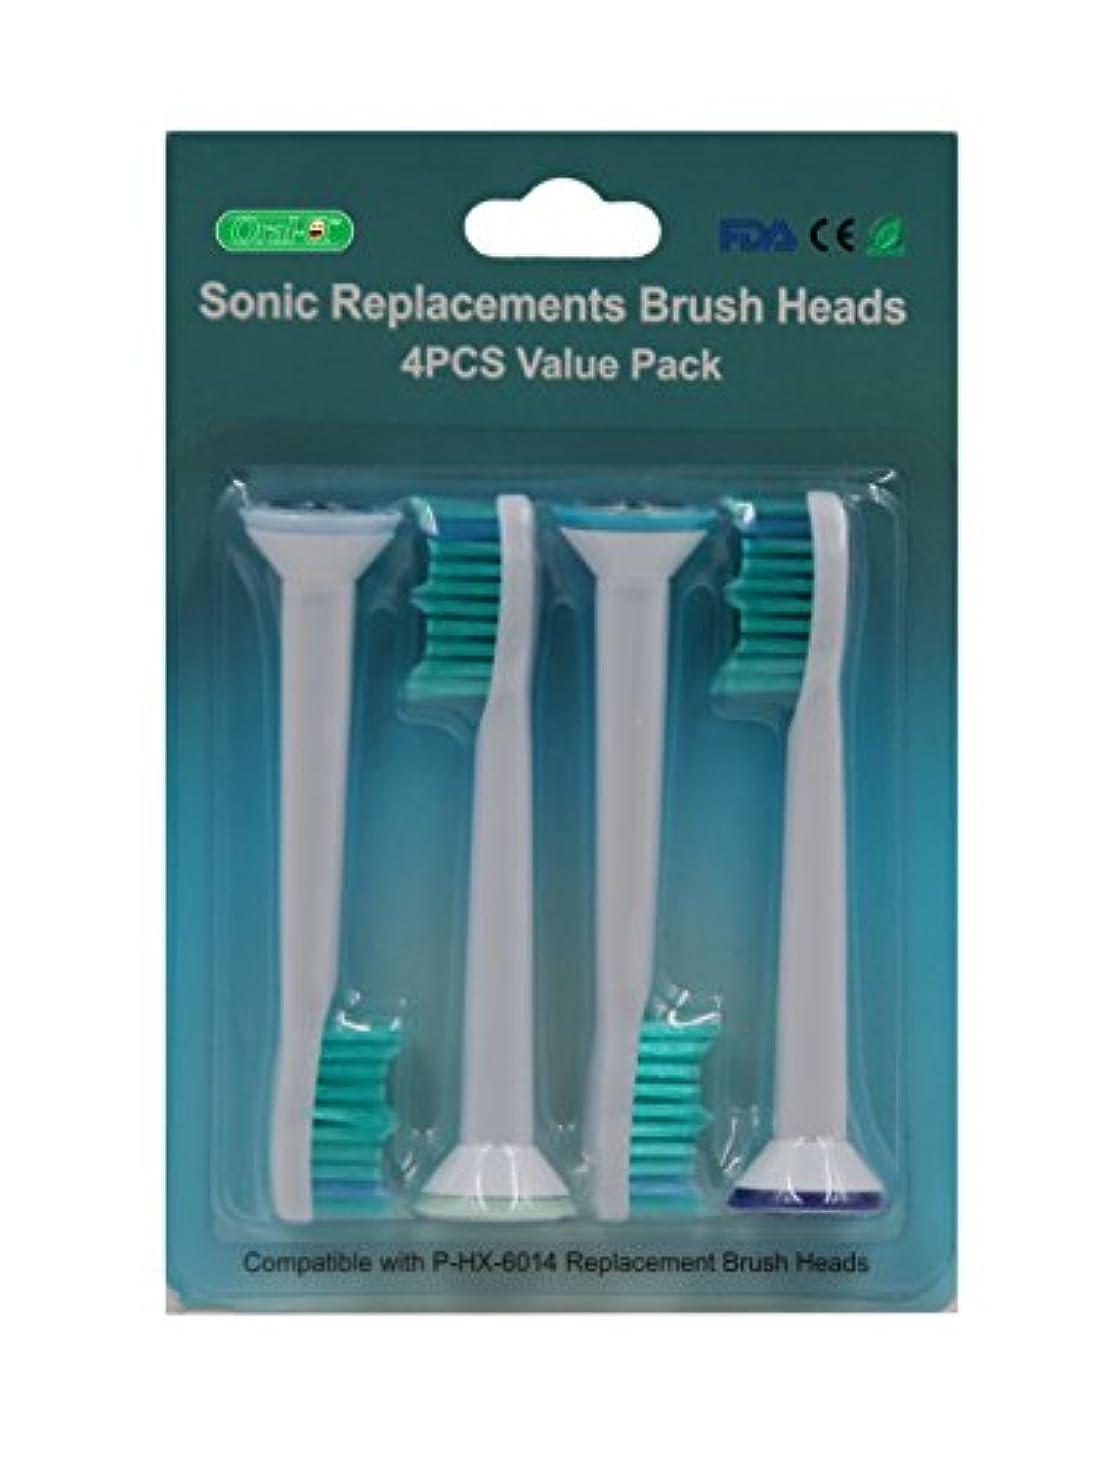 歯科医闘争毒性フィリップス ソニッケアー 替えブラシ 4本×3セット=12本 プロリザルツ ブラシヘッド HX6014 HX6012 対応 電動歯ブラシ 替えブラシ 互換ブラシ 歯ブラシ 互換ブラシ philips sonicare